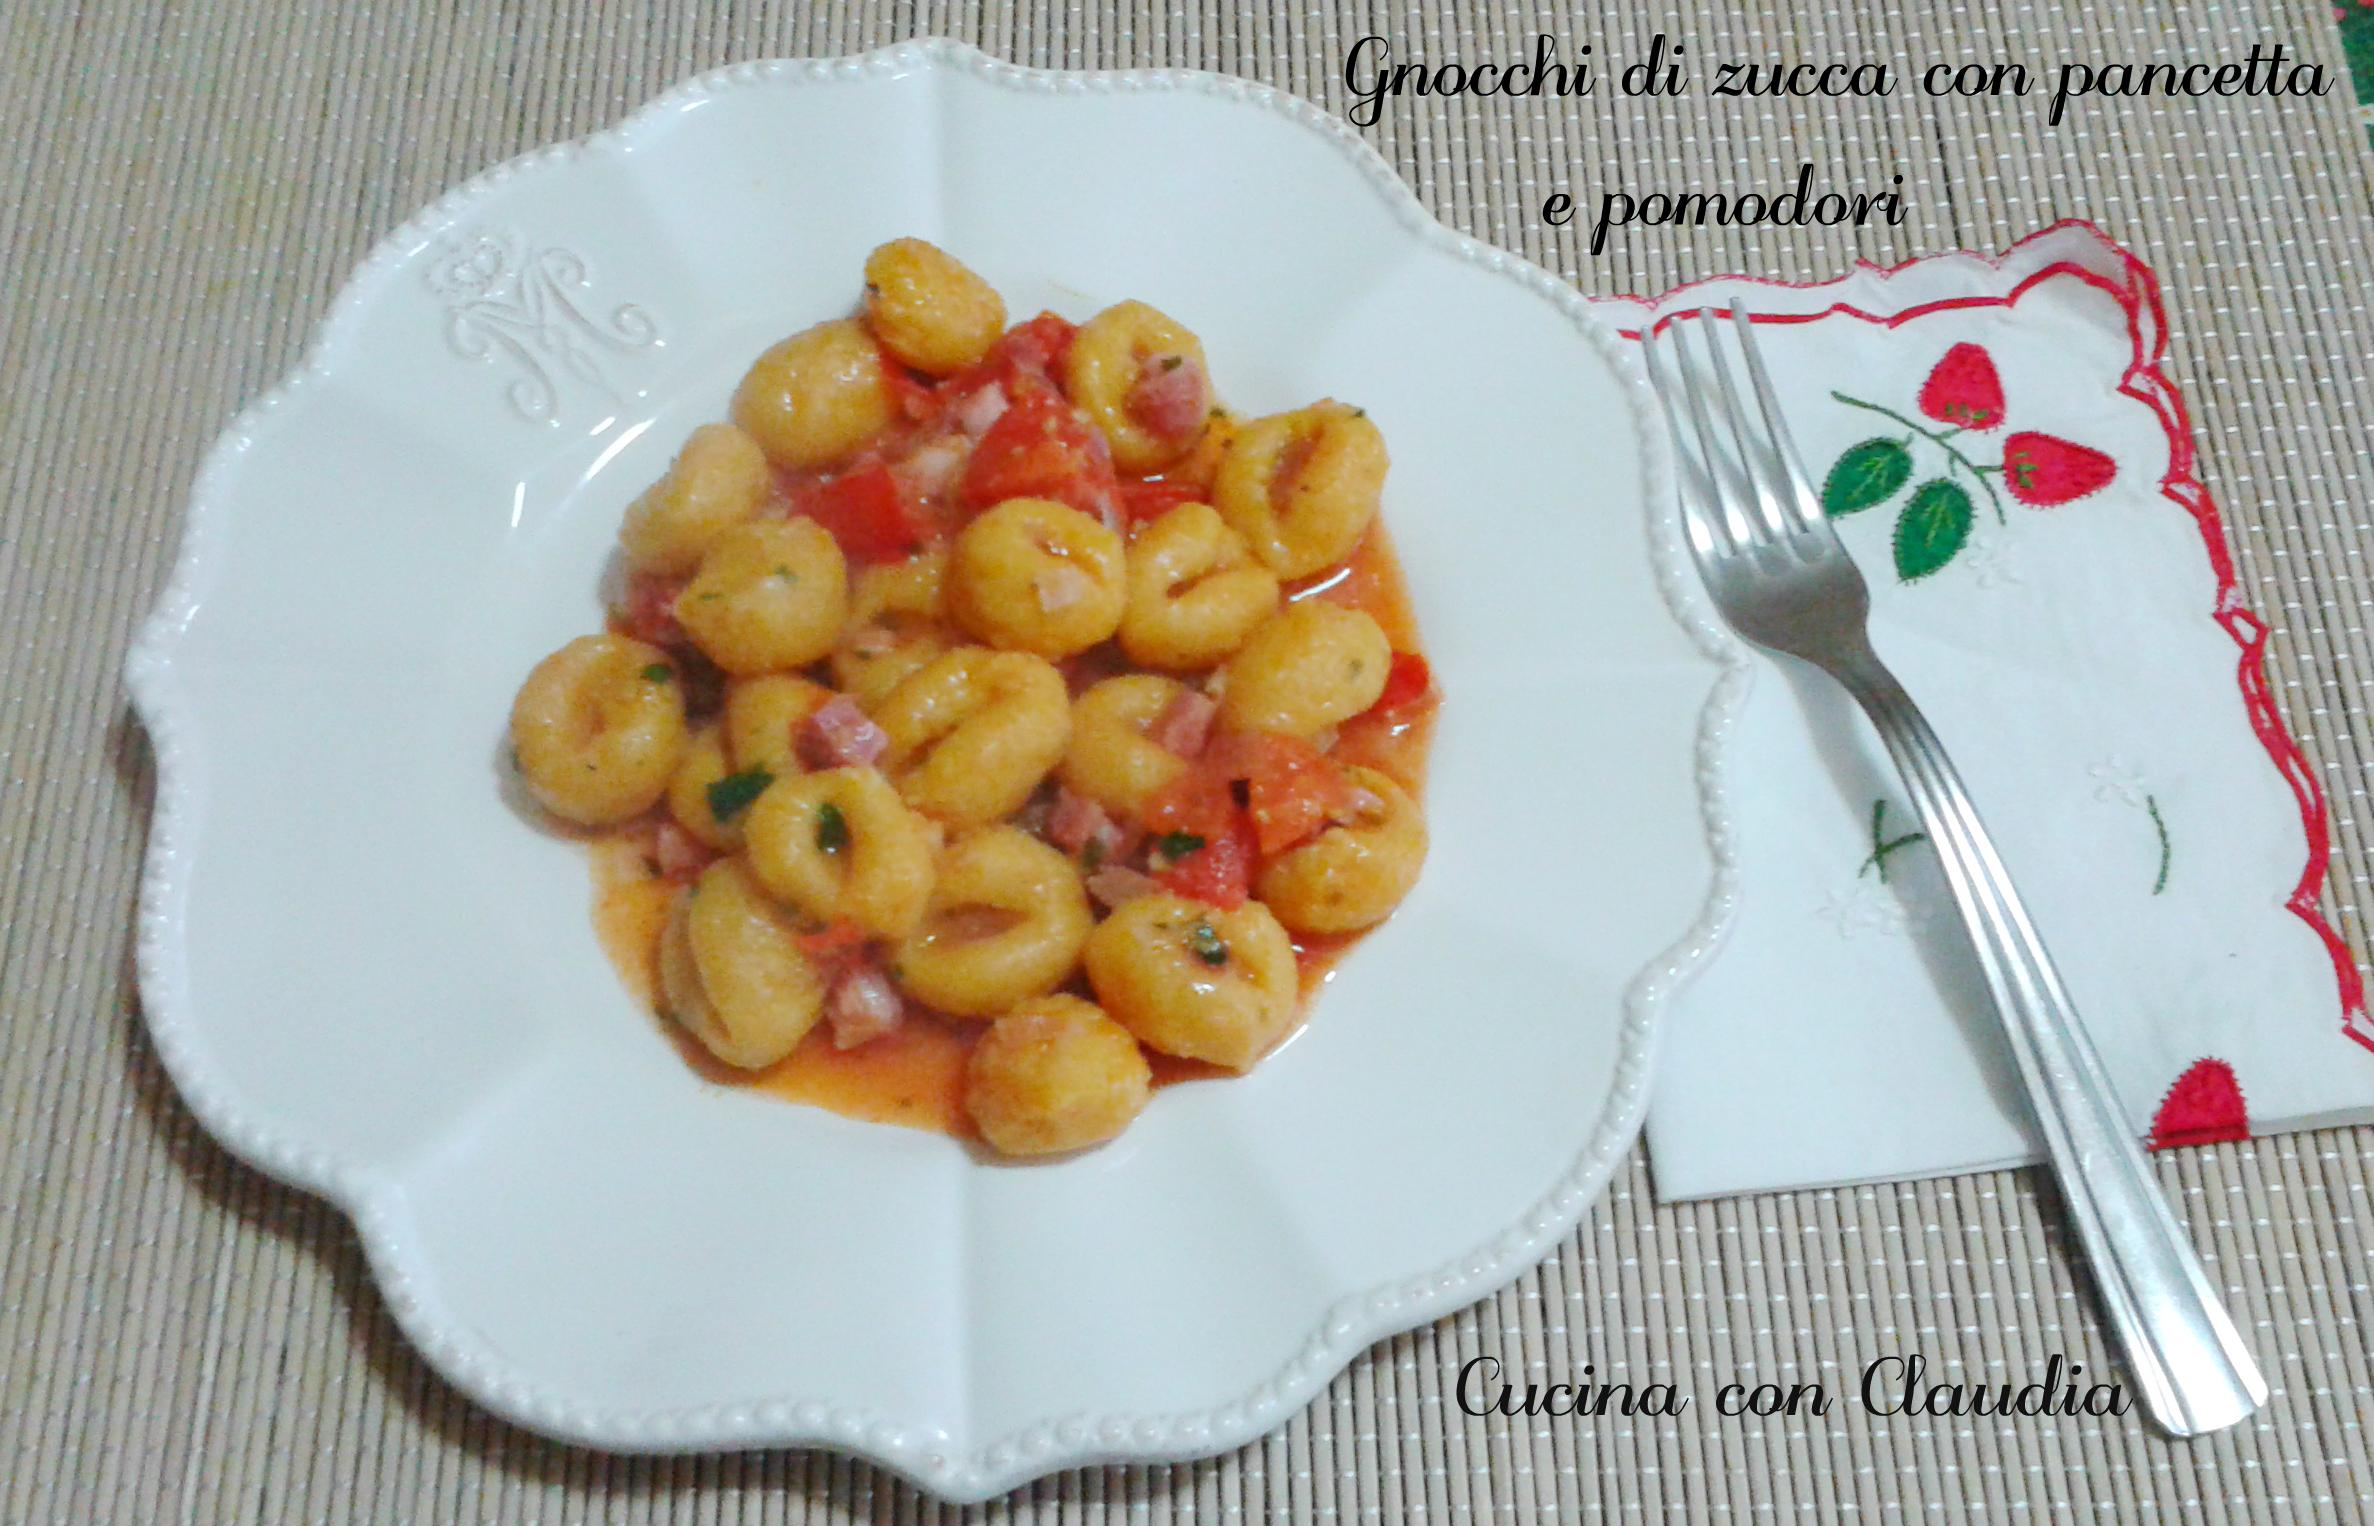 Ricetta Gnocchi Zucca E Pancetta.Gnocchi Di Zucca Con Pancetta E Pomodori Cucina Con Claudia